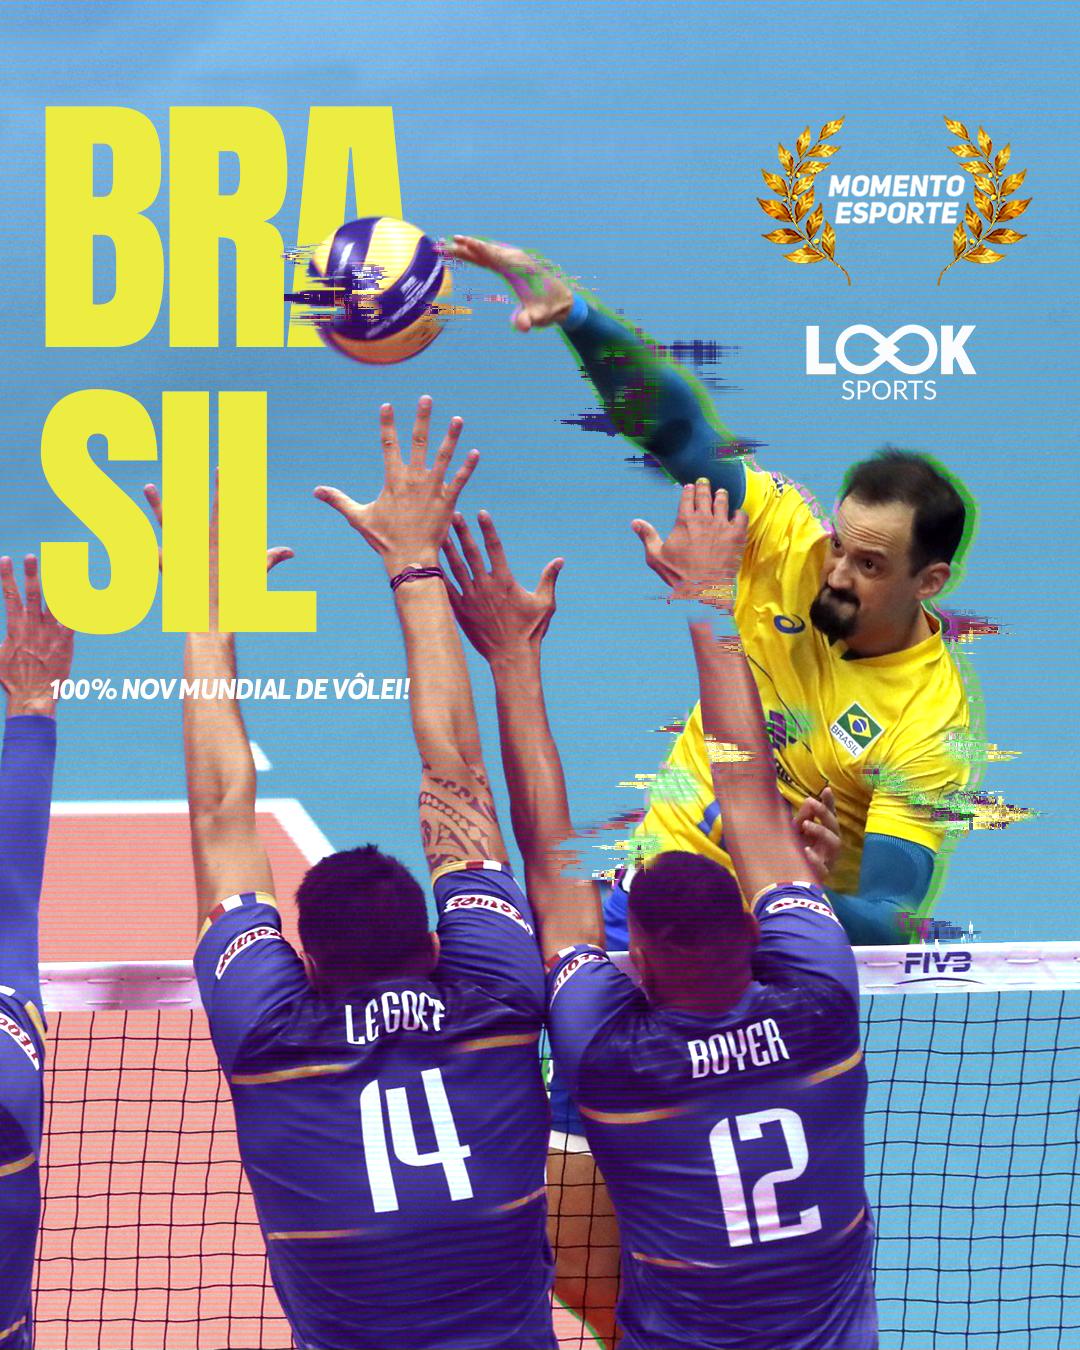 O  MomentoEsporte desta sexta-feira destaca a grande vitória da Seleção  Brasileira de Vôlei no Mundial 4c5a062d41005